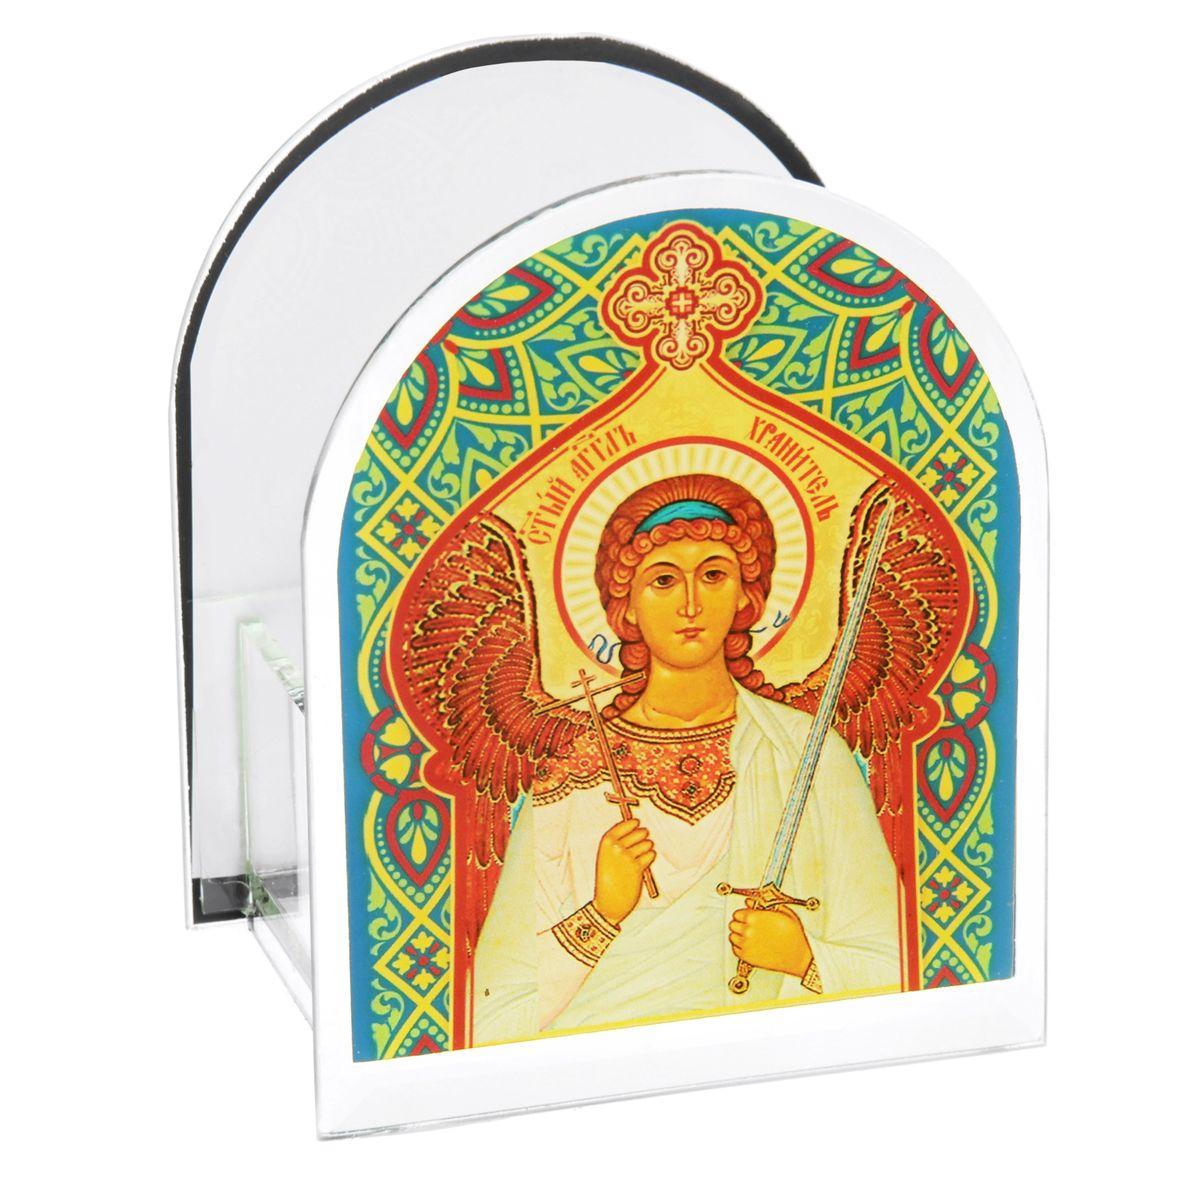 Подсвечник Sima-land Ангел Хранитель6113MПодсвечник Sima-land Ангел Хранитель изготовлен из качественного стекла, предназначен для свечи в гильзе. С одной стороны подсвечника изображен лик святого, с другой стороны нанесена молитва. Зажгите свечку поставьте ее в подсвечник и наслаждайтесь теплом, которое наполнит ваше сердце.Такой подсвечник привнесет в ваш дом согласие и мир и будет прекрасным подарком, оберегающим близких вам людей. Размер подсвечника (ДхШхВ): 9 см х 7 см х 11 см.Диаметр отверстия для свечи: 4,5 см.